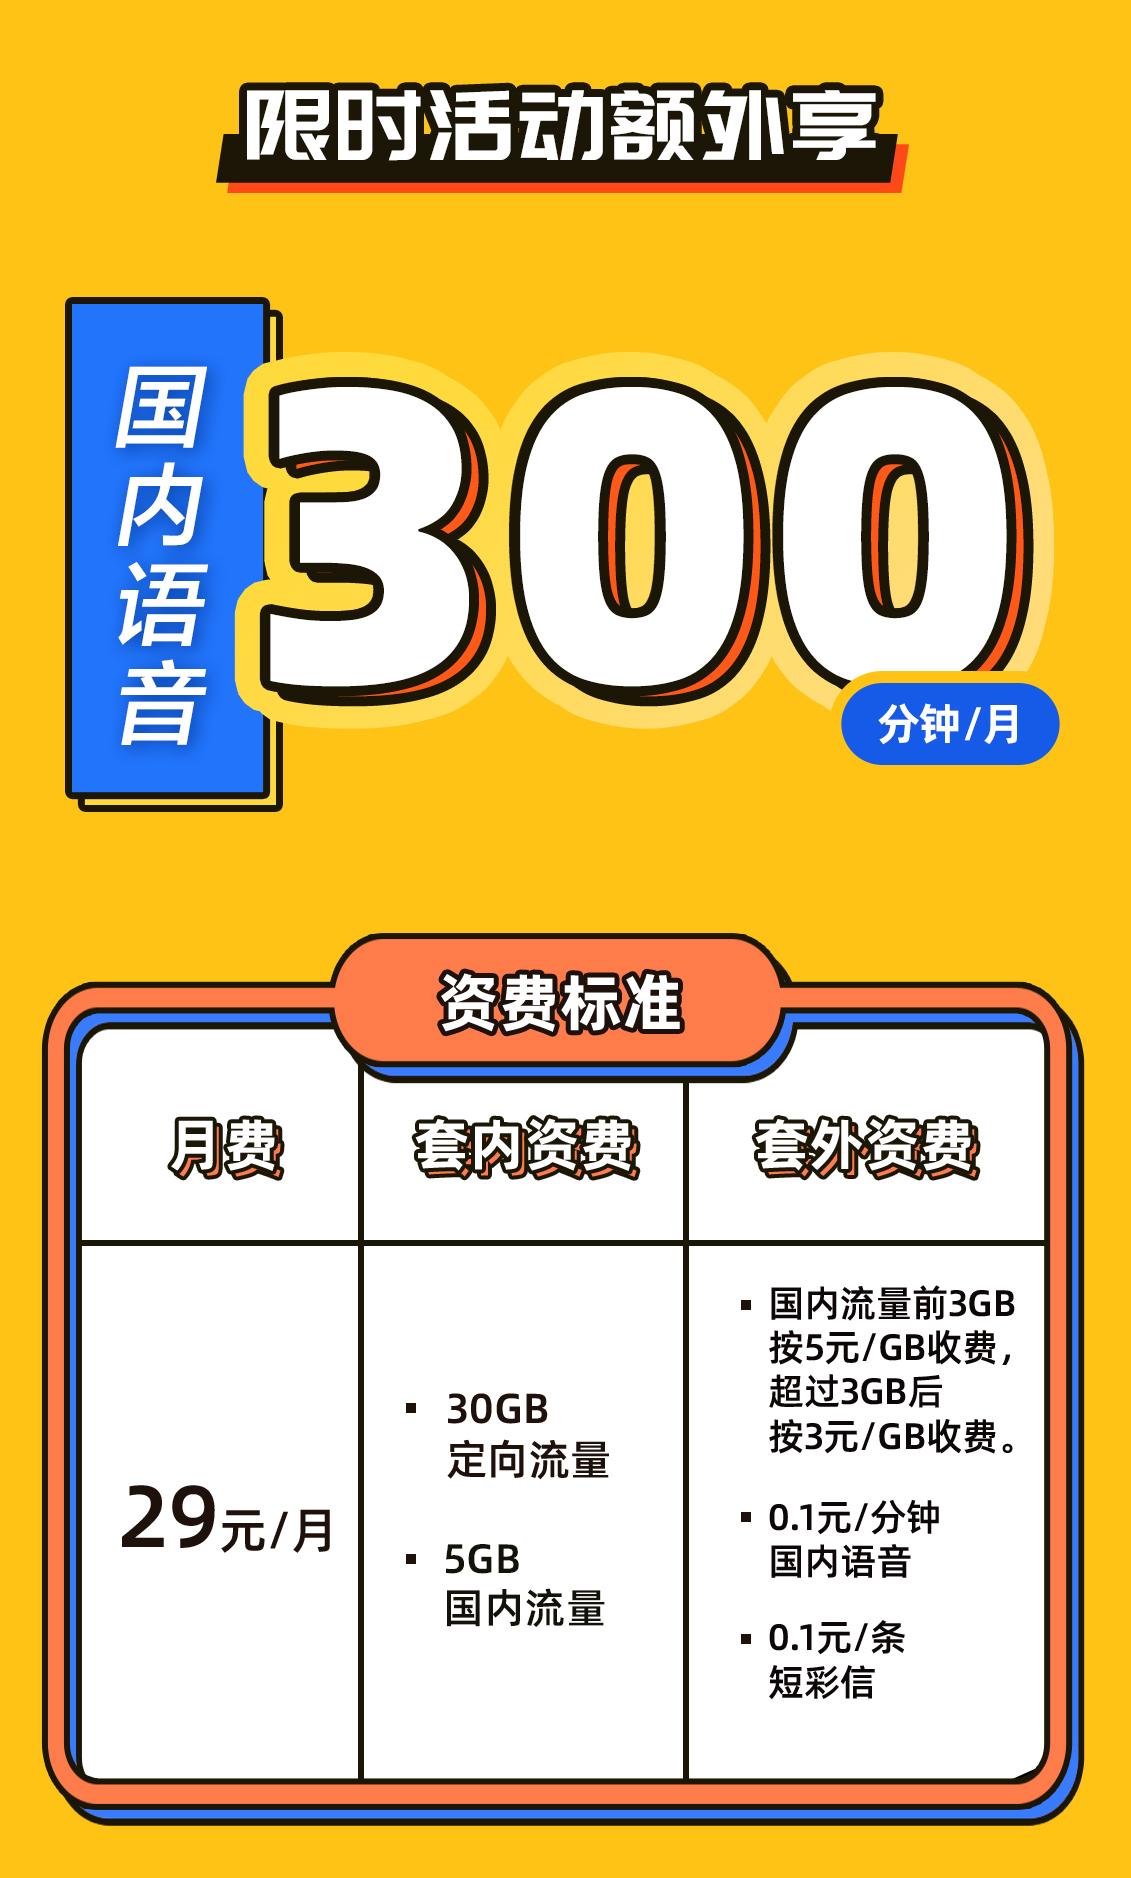 29元星卡12071老用户-2021_03.jpg